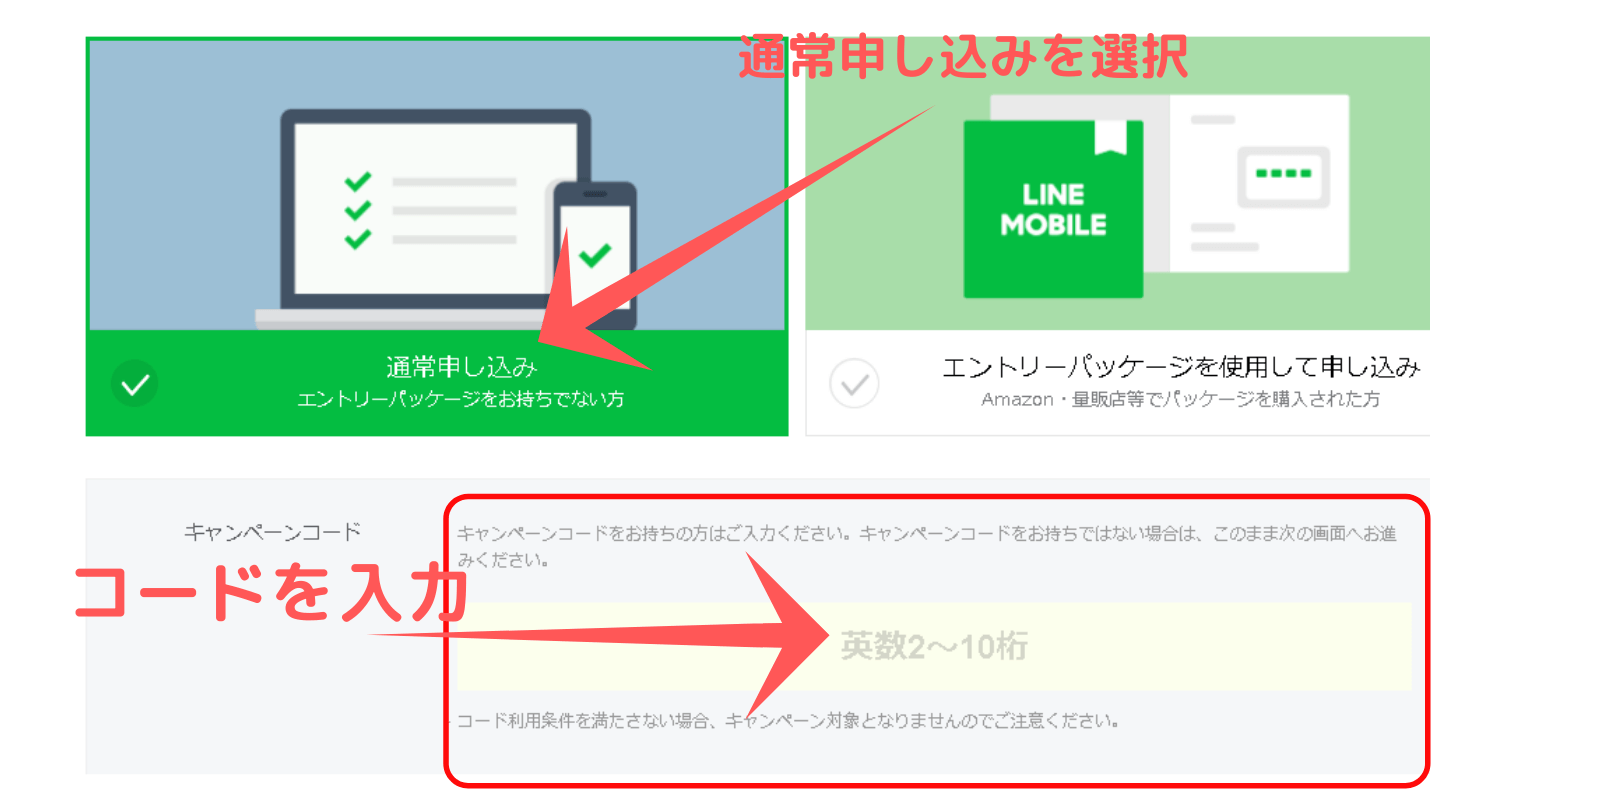 2020年2月LINEモバイルキャンペーンの解説